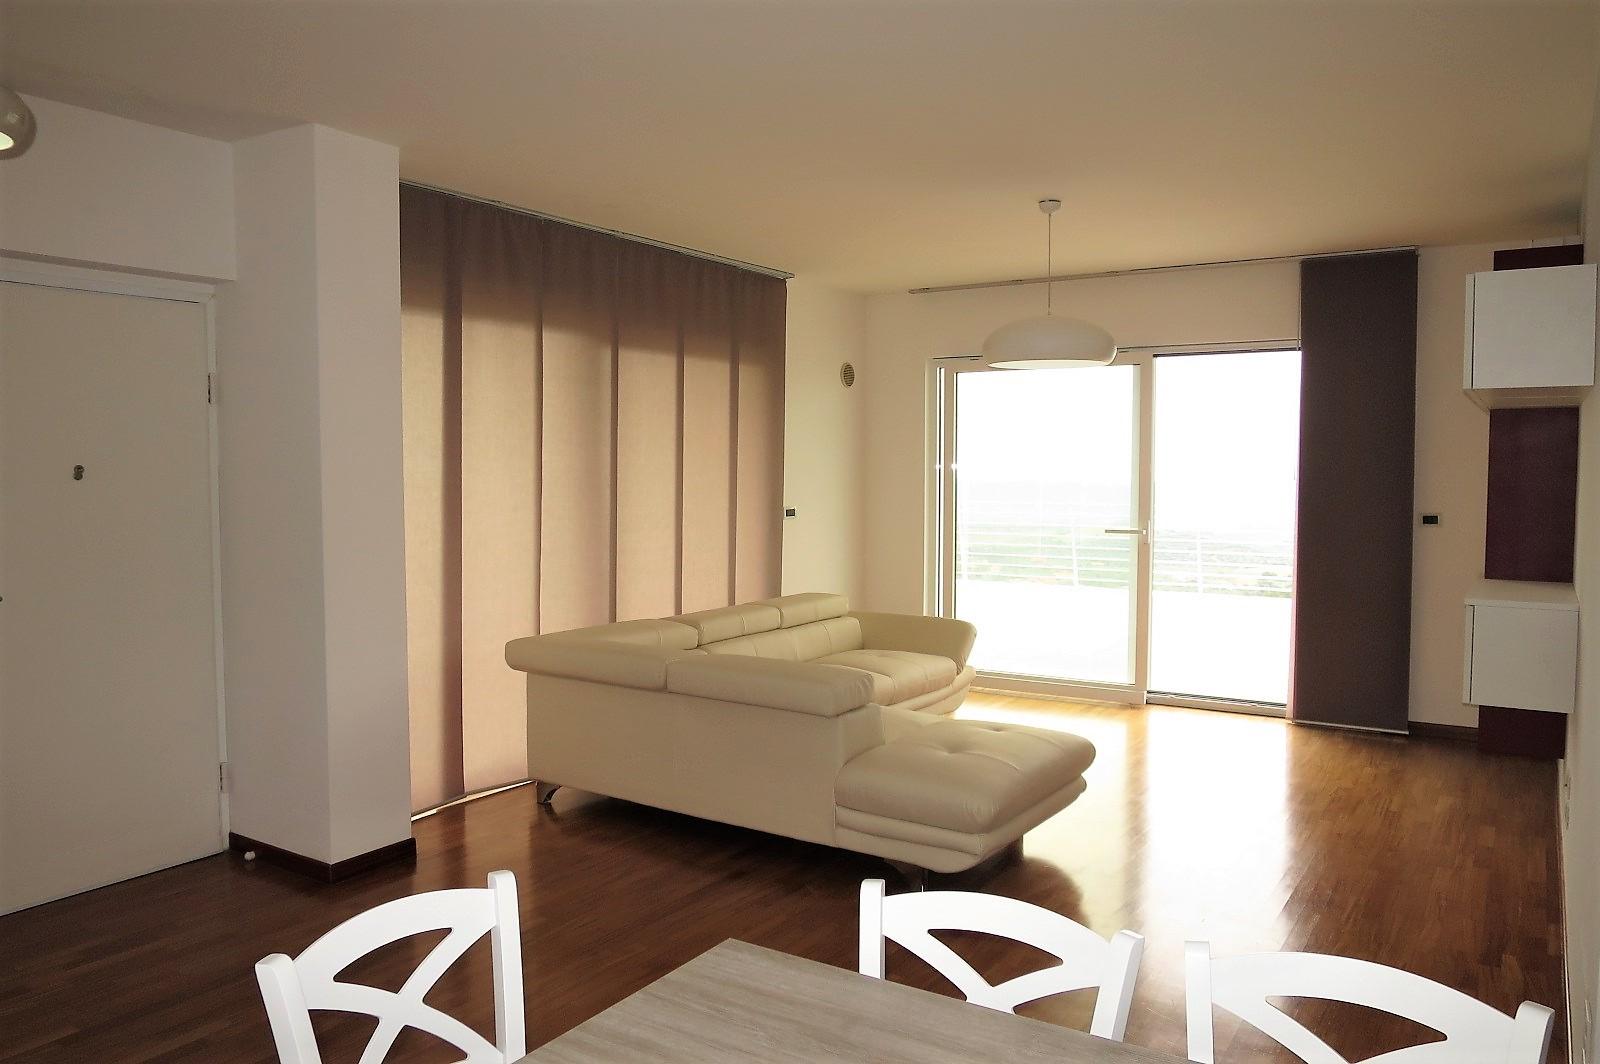 Apartament Apartament for sale Città Sant'Angelo (PE), Appartamento Belvedere - Città Sant'Angelo - EUR 262.881 320